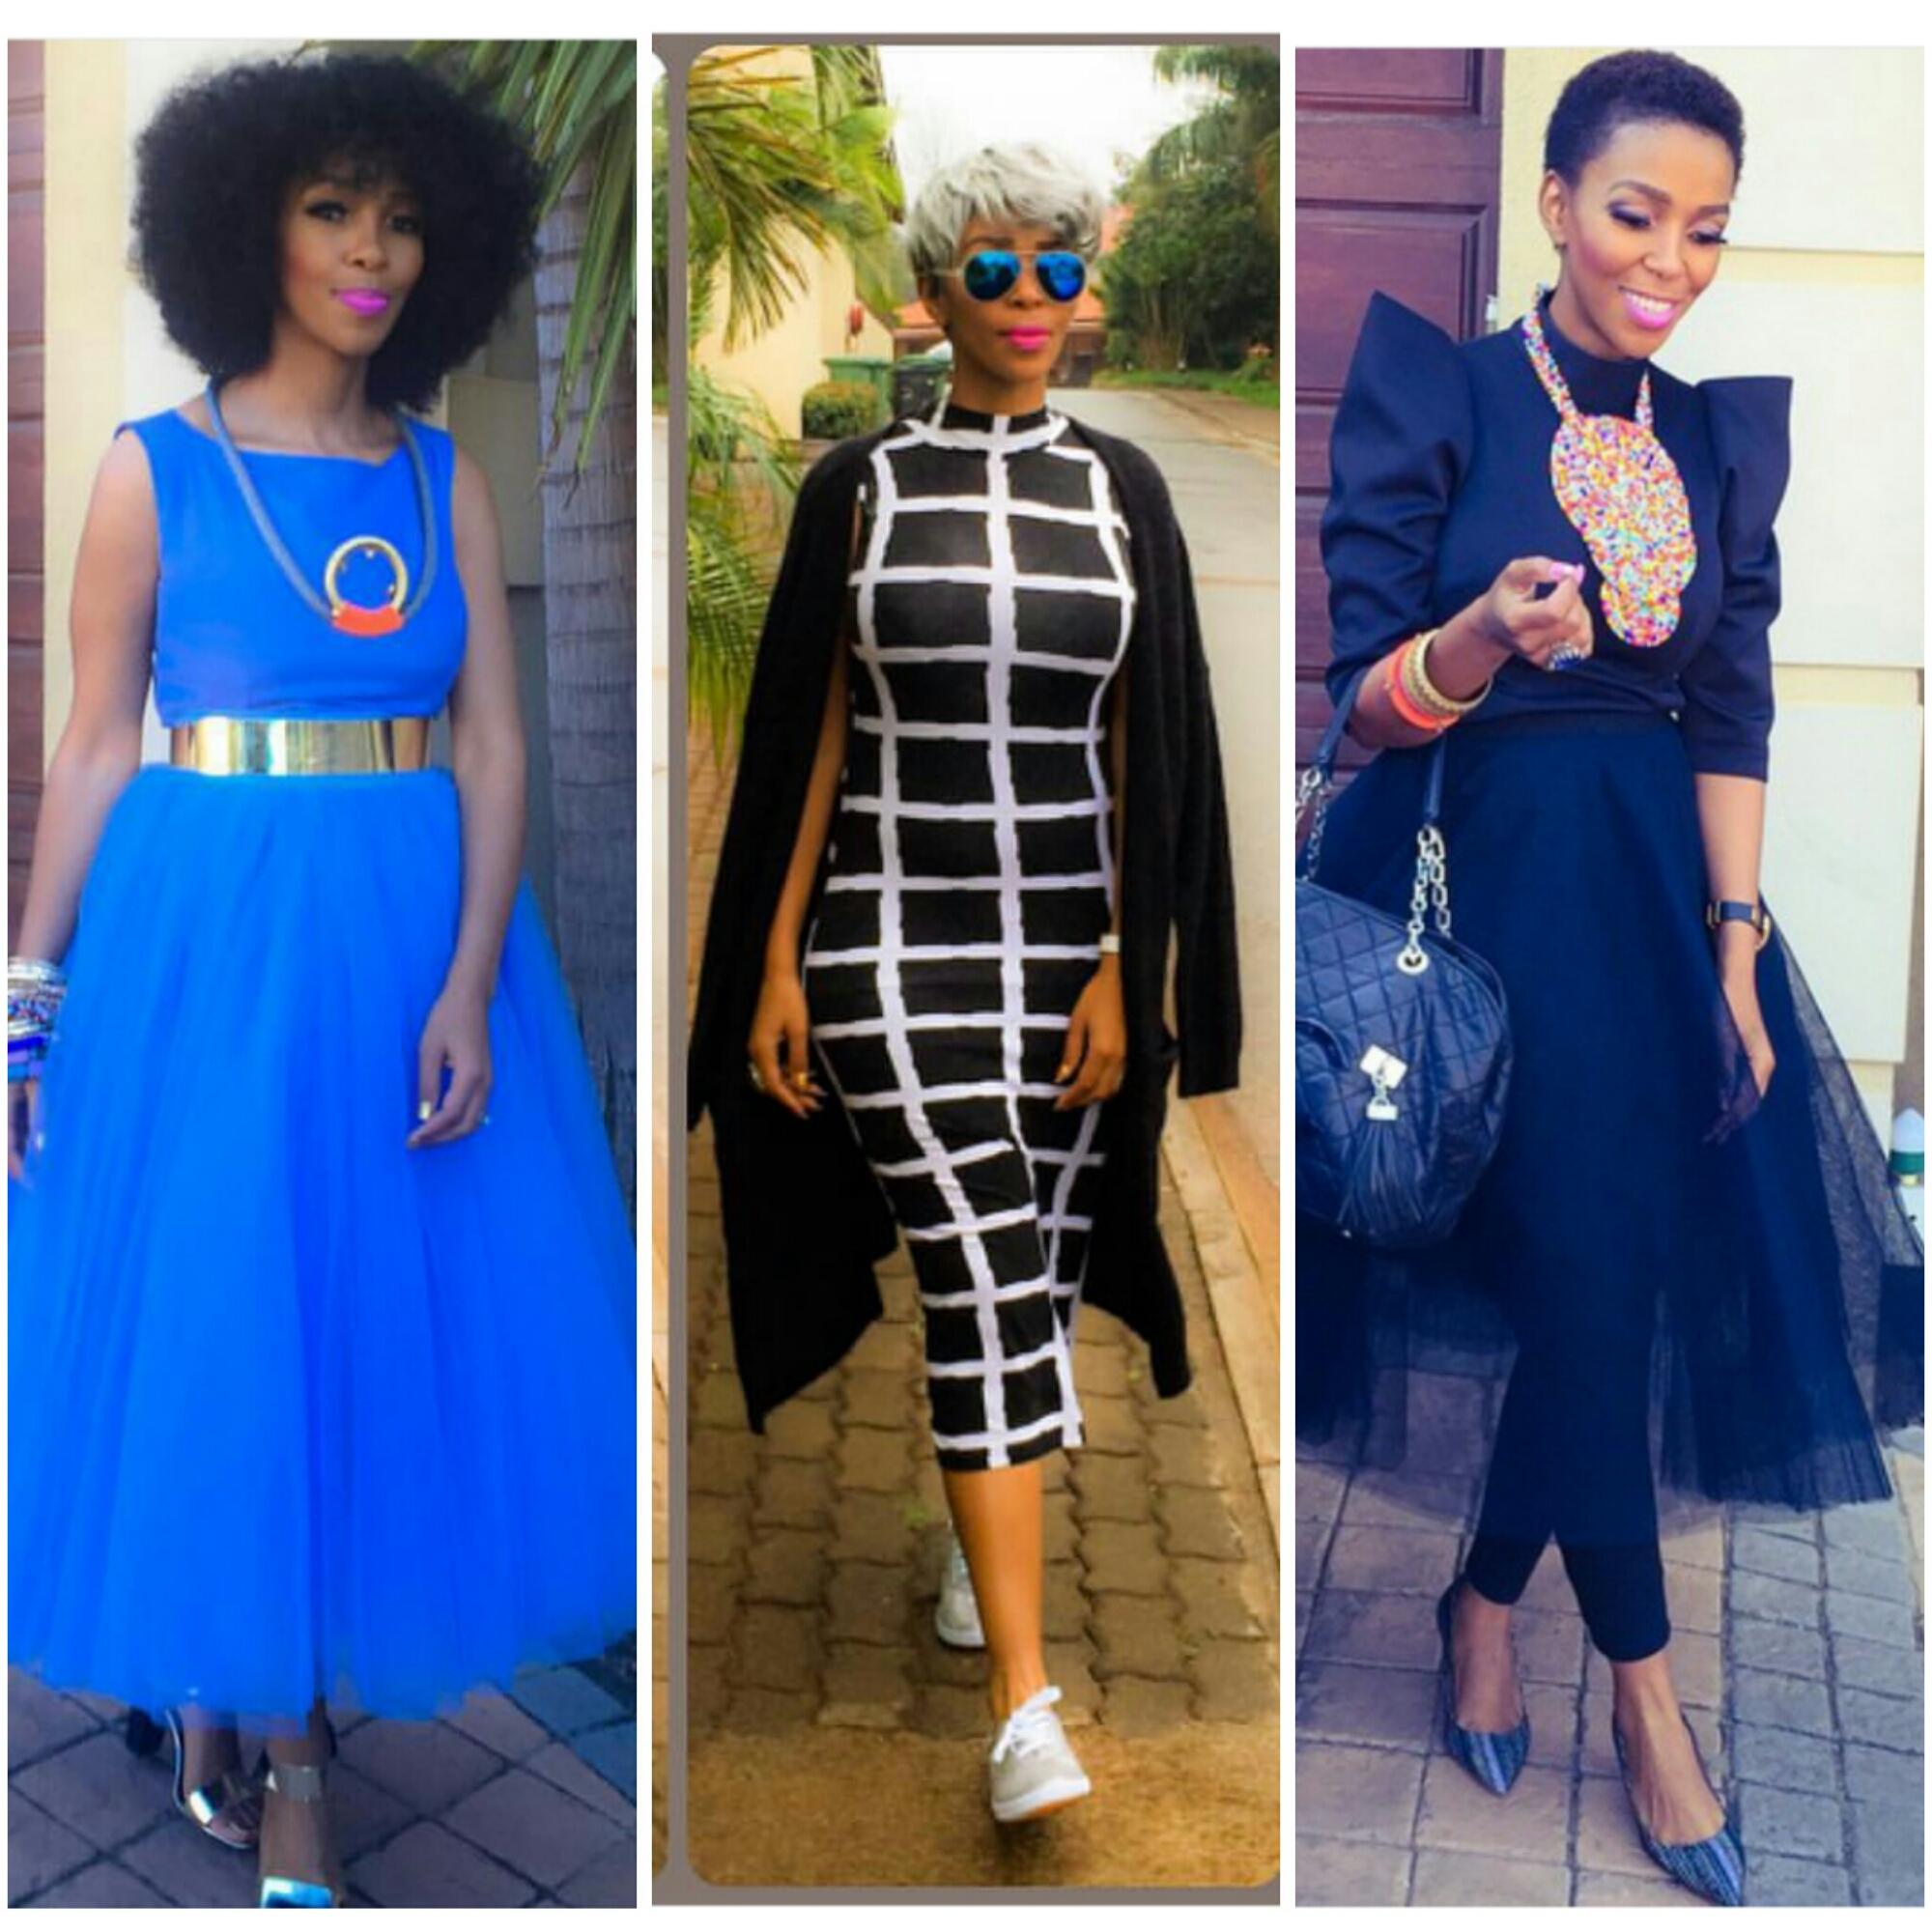 Nhlanhla Nciza From South Africa